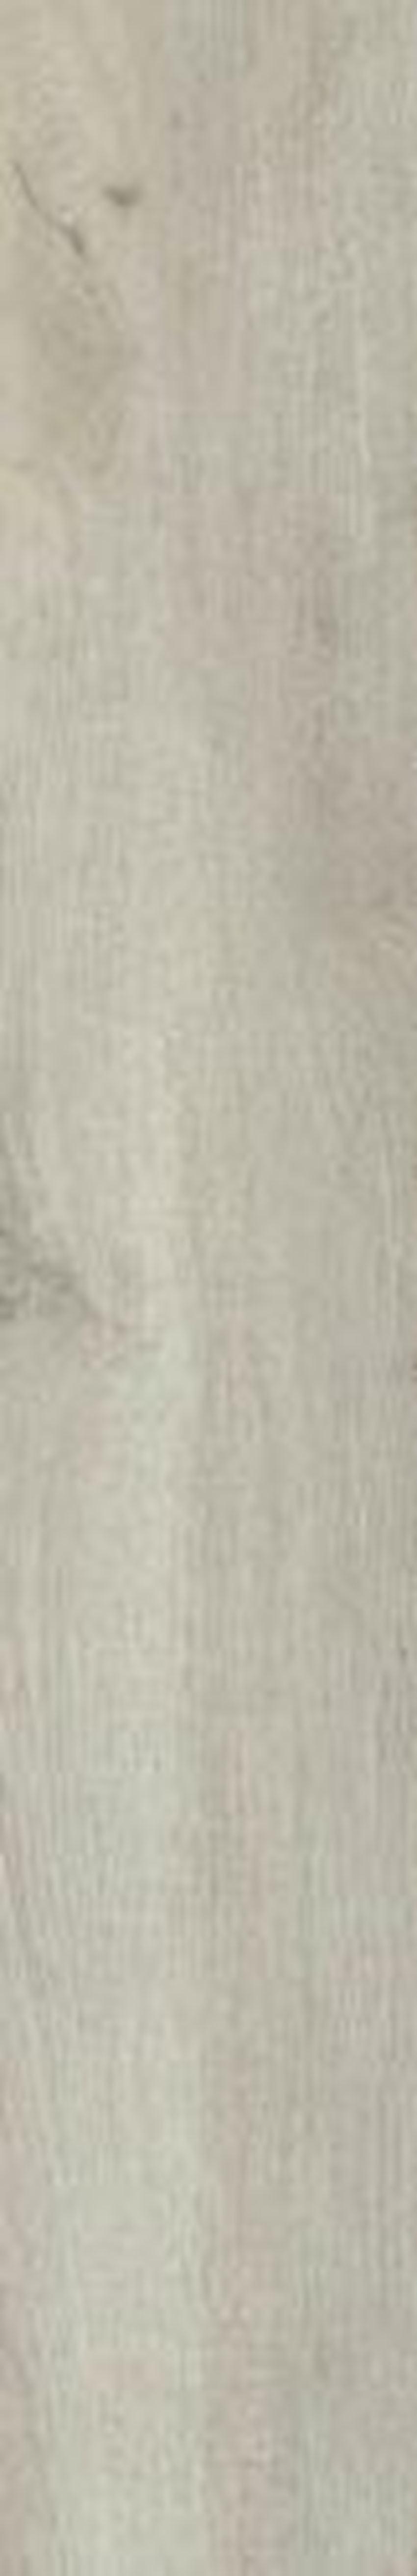 Płytka ścienno-podłogowa 19,4x120 cm Paradyż Tammi Bianco Gres Szklany Rektyfikowany Mat